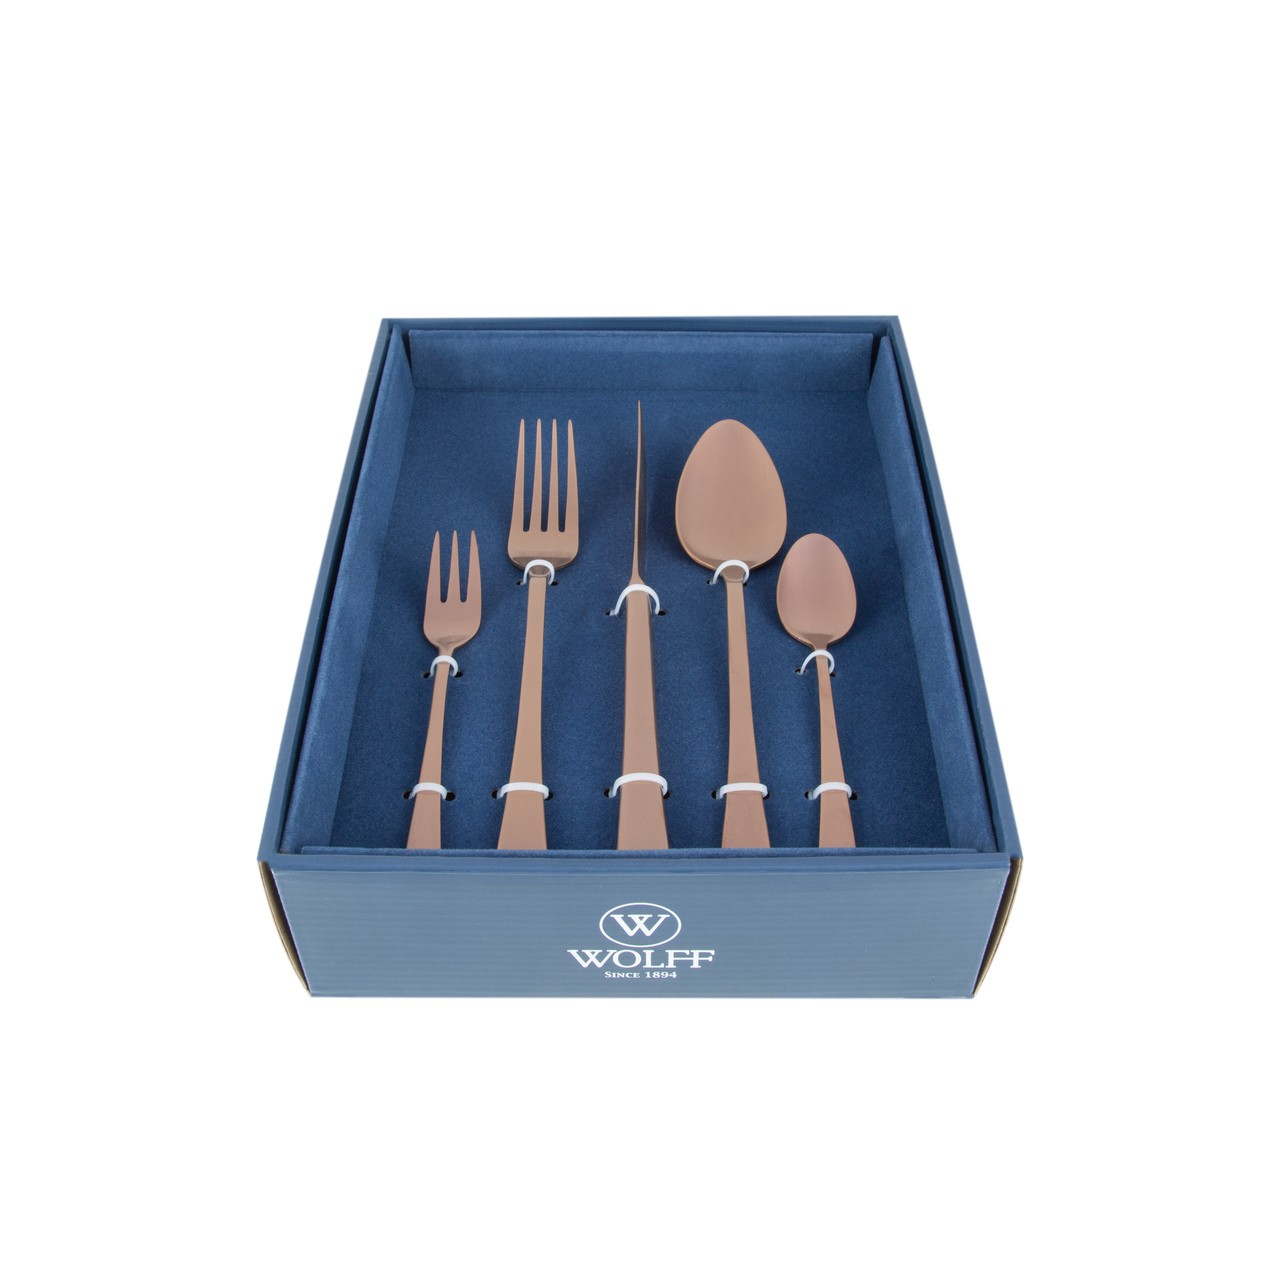 Faqueiro 30 peças de aço inox Rose fosco com Gift Box Berna Wolff - 71519